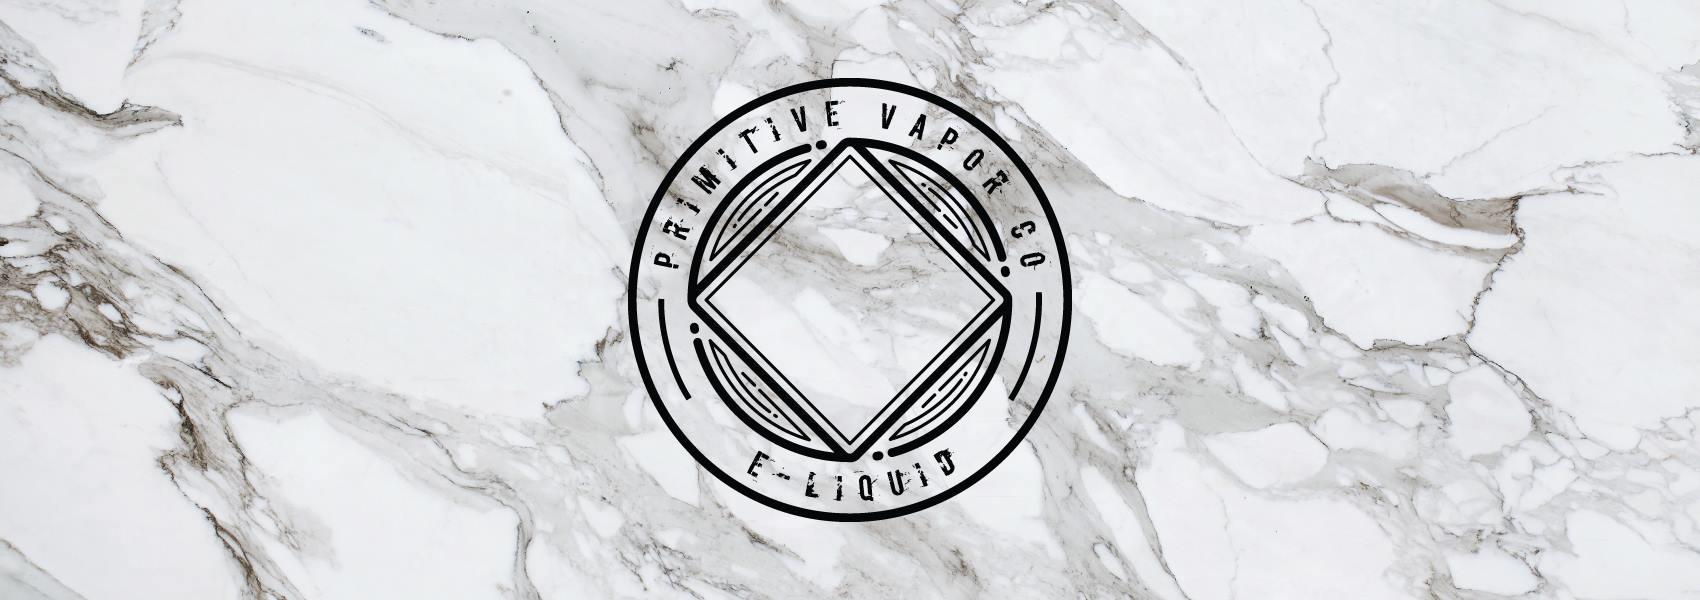 Primitive Vapor Co.